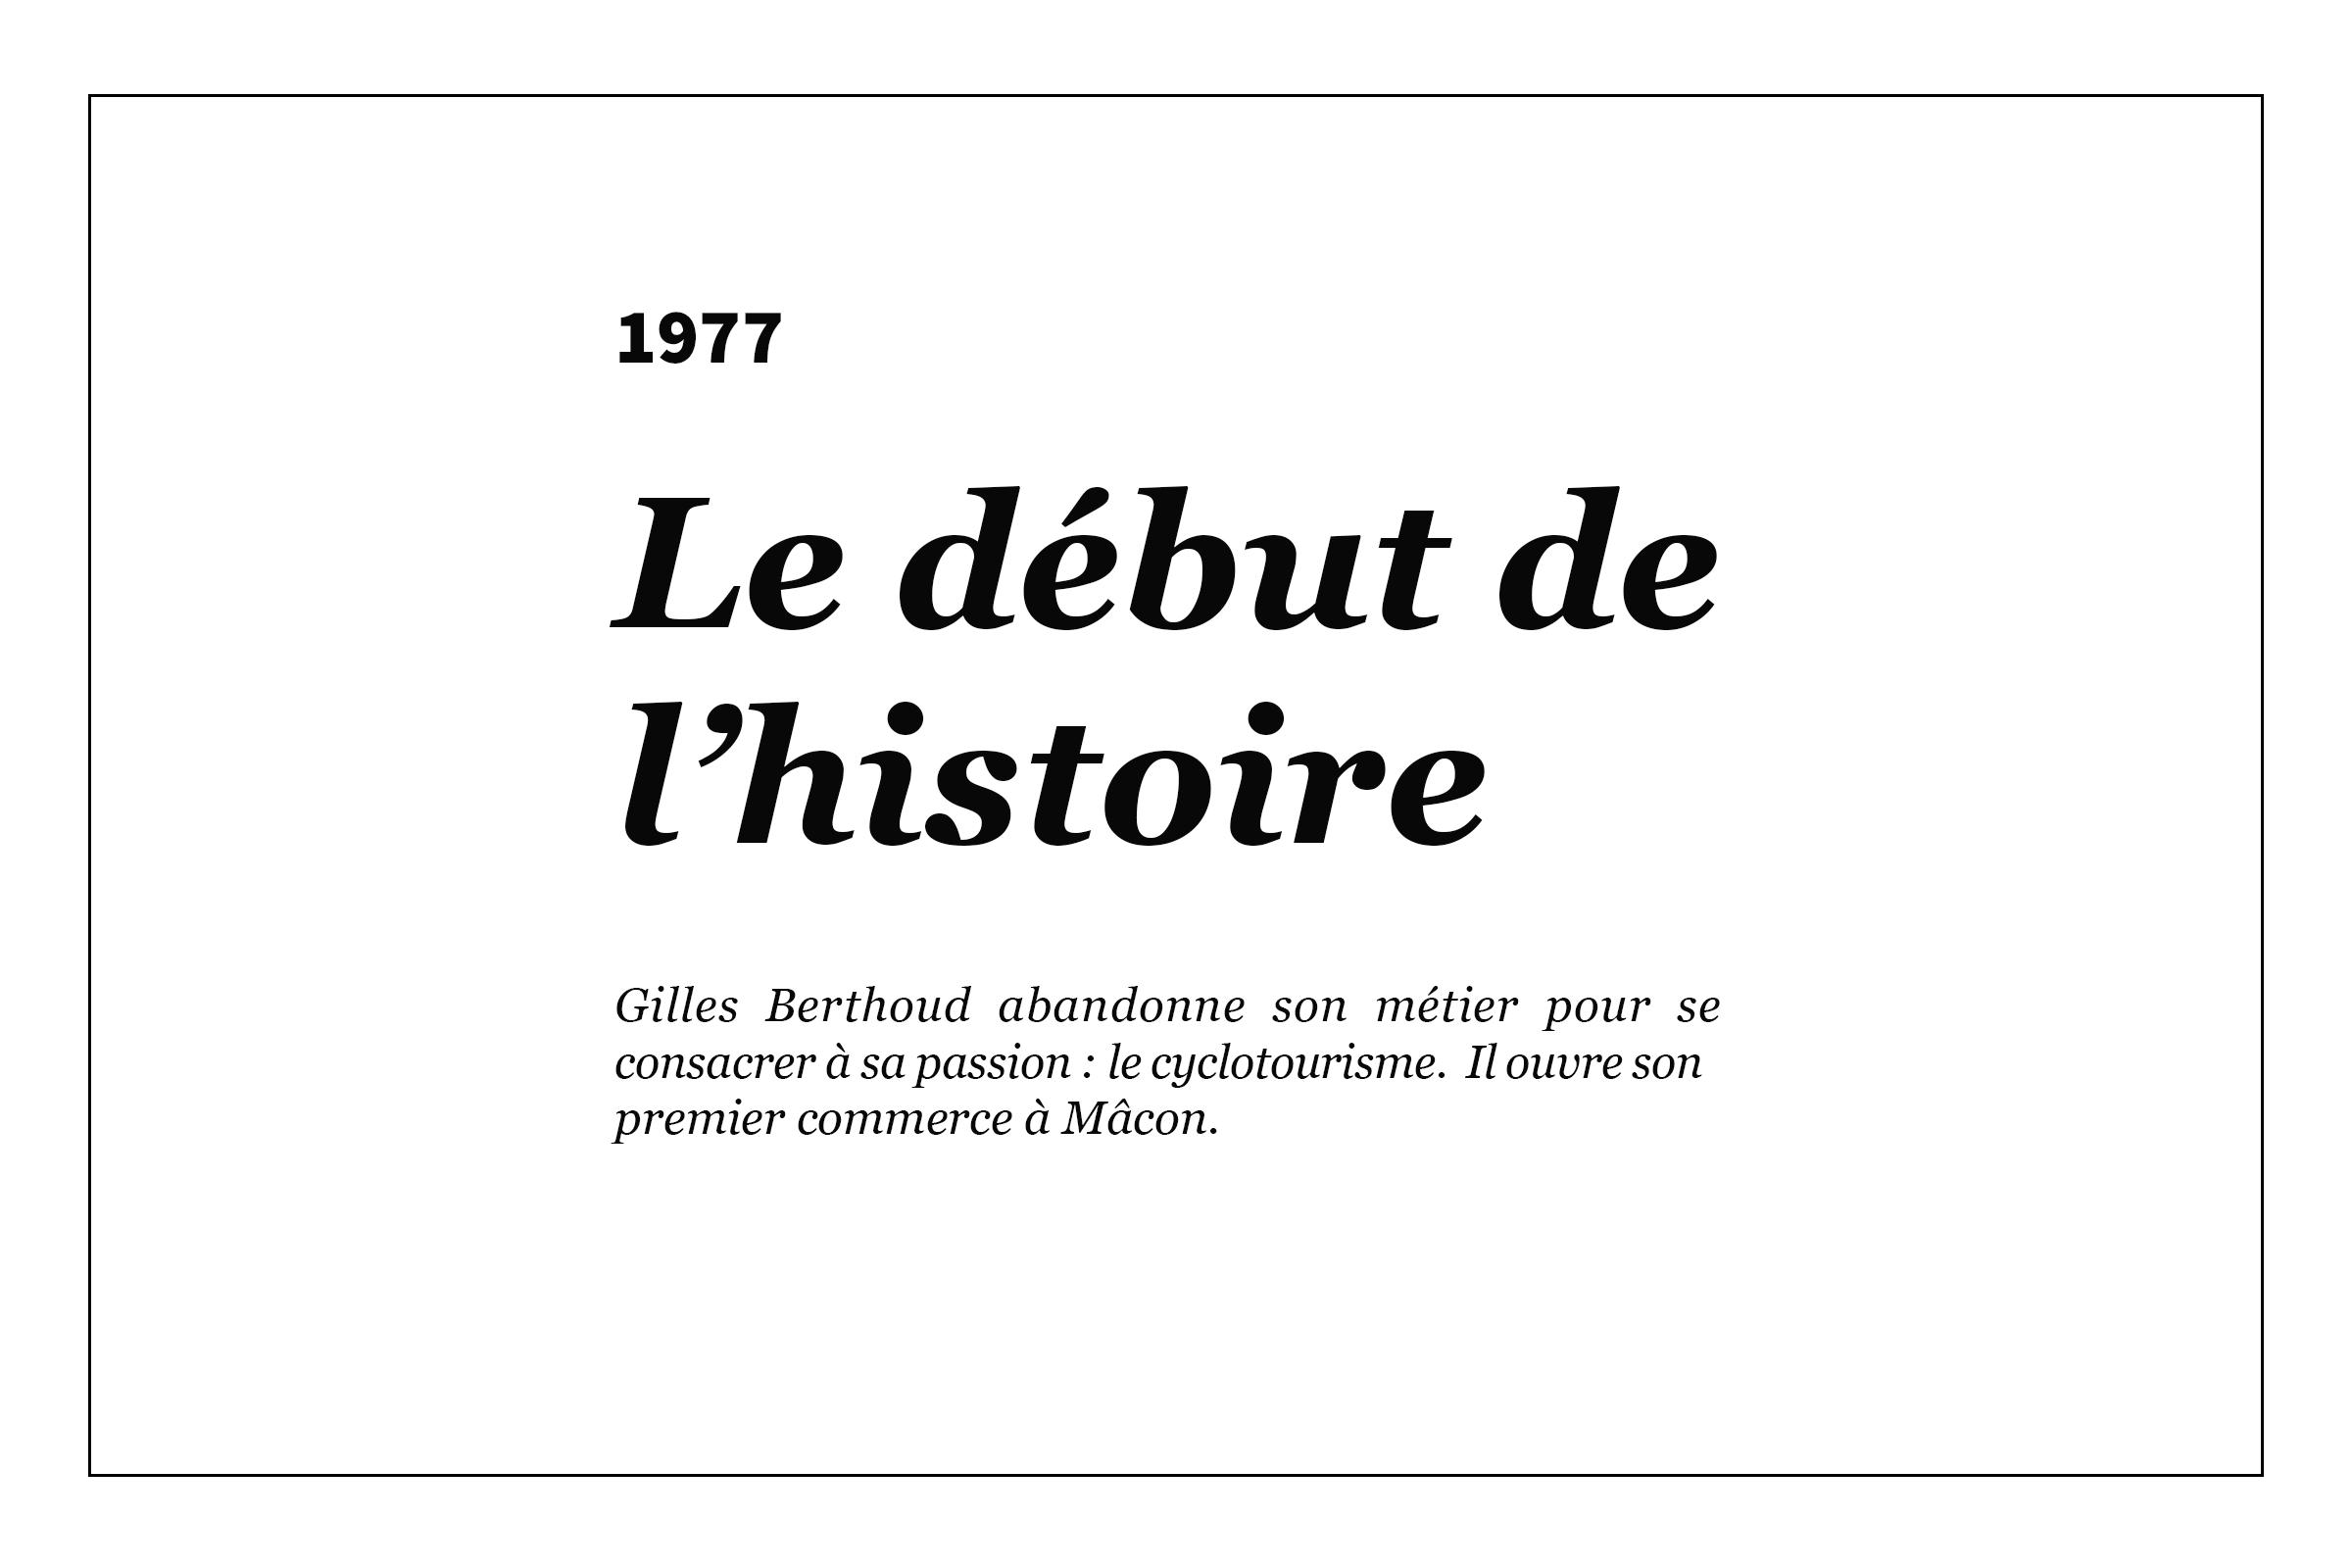 1977 - Le début de l'histoire